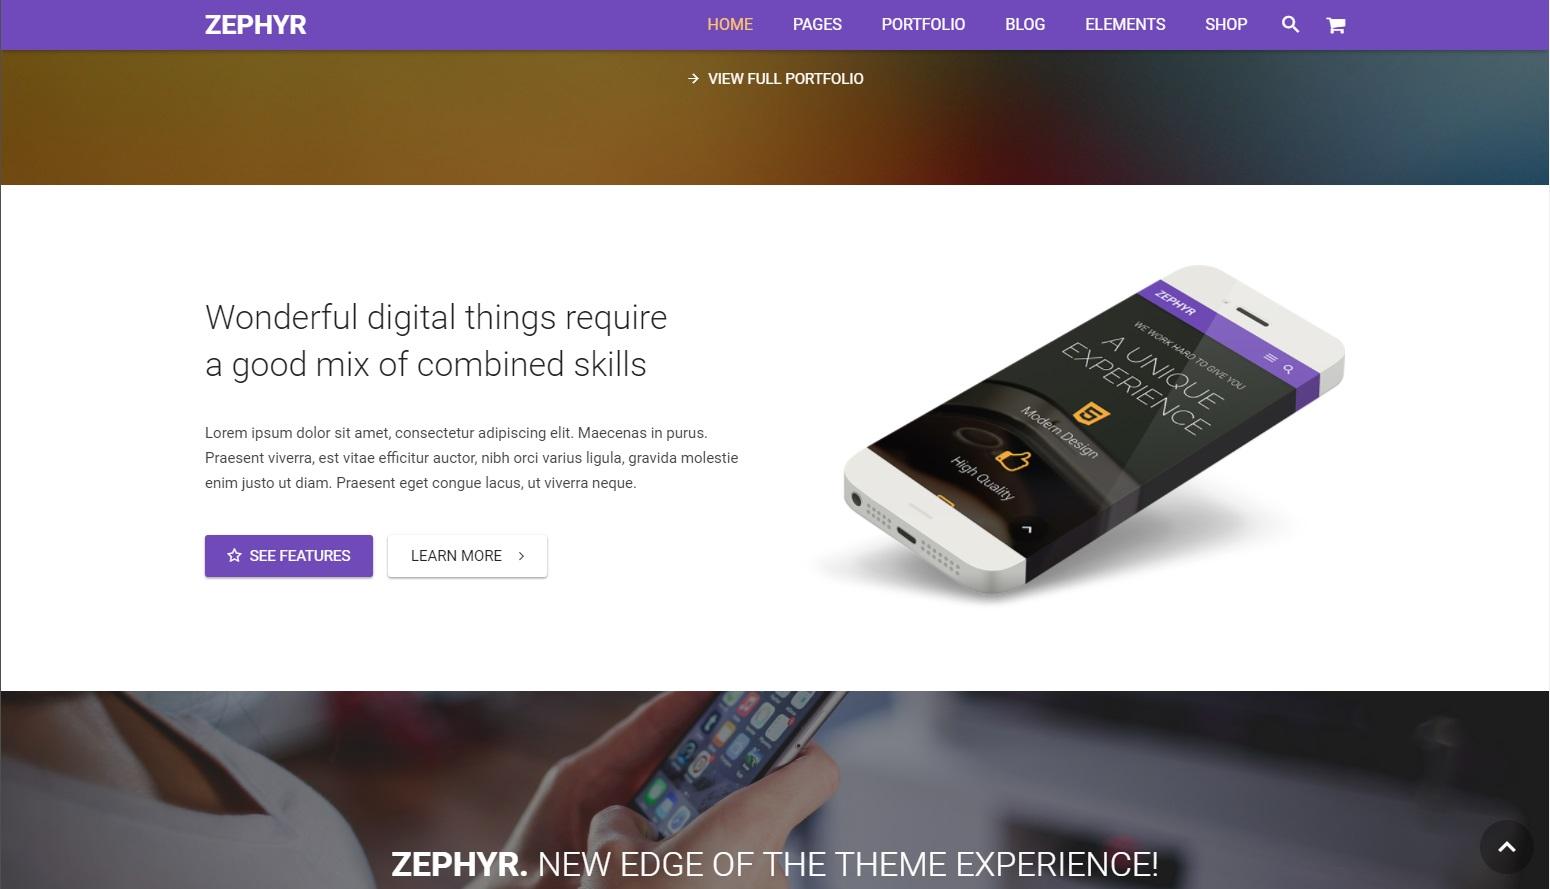 trendy web design 2018 - material design 2